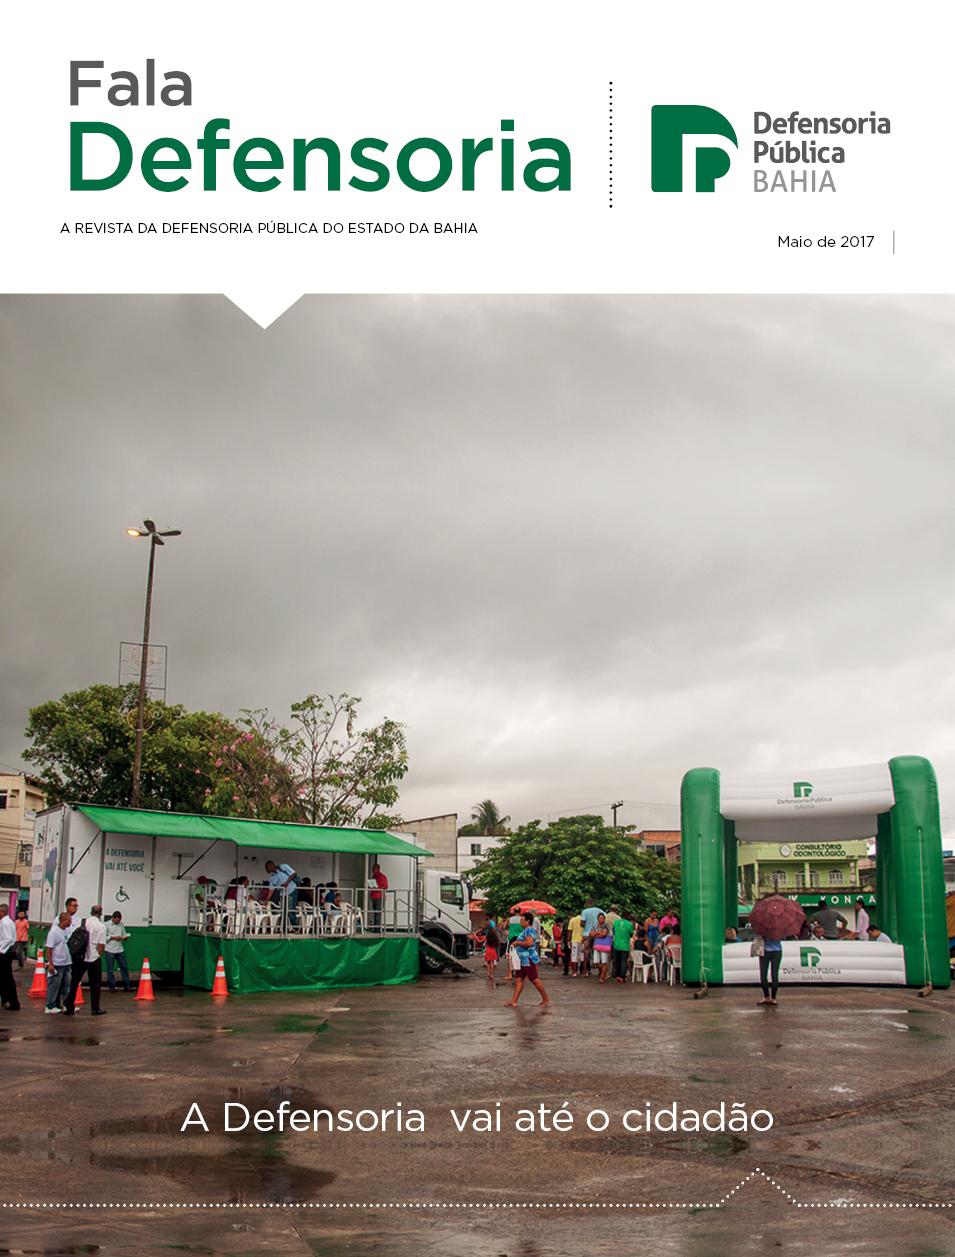 Revista Fala Defensoria 2017